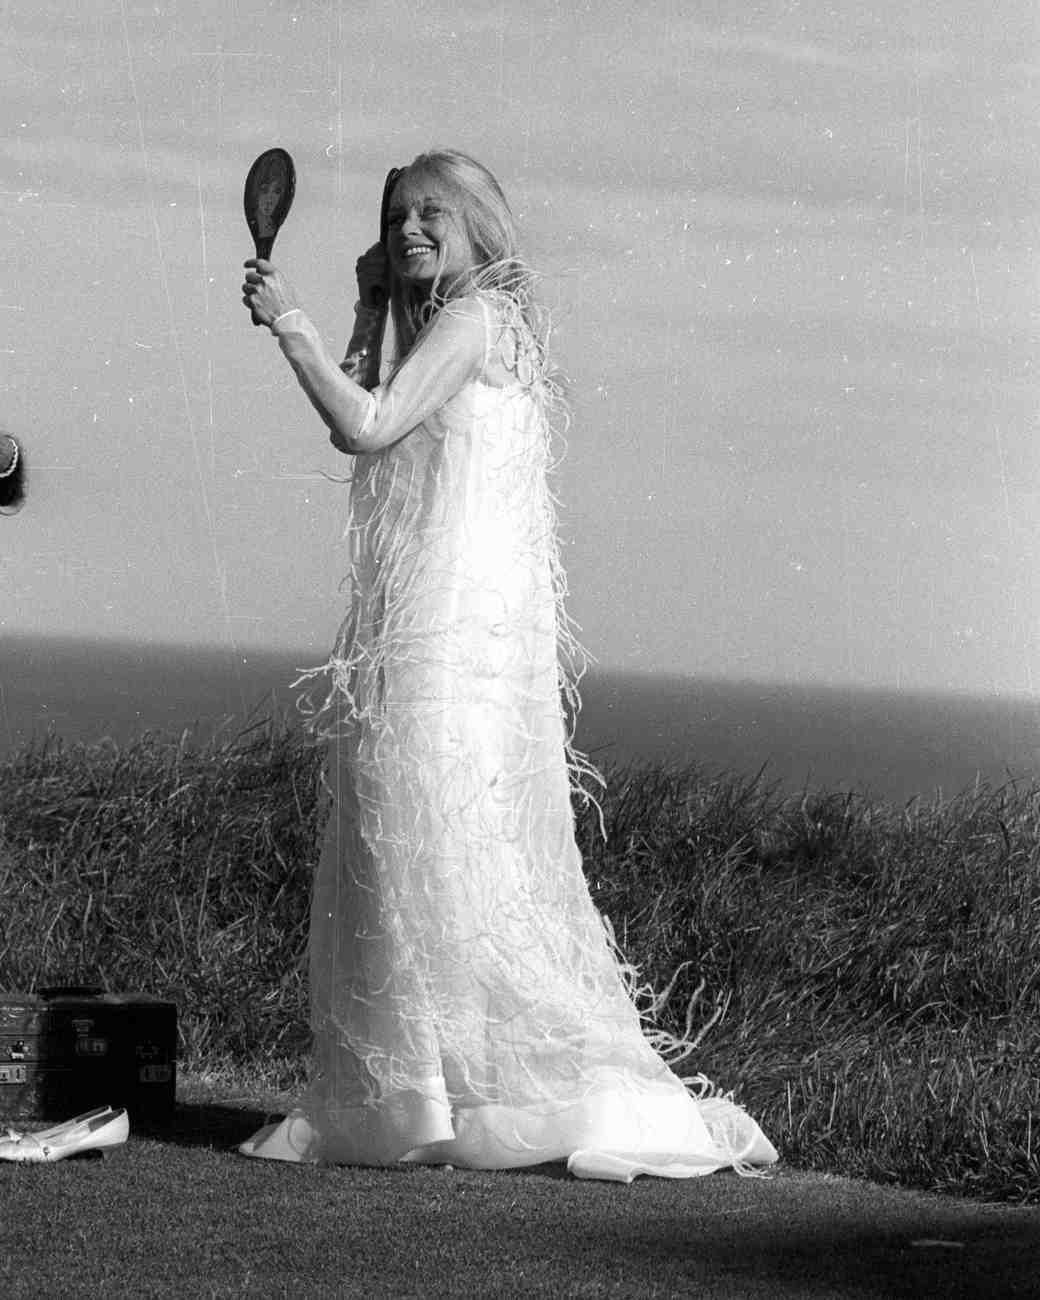 movie-wedding-dresses-two-weeks-in-september-brigitte-bardot-0516.jpg